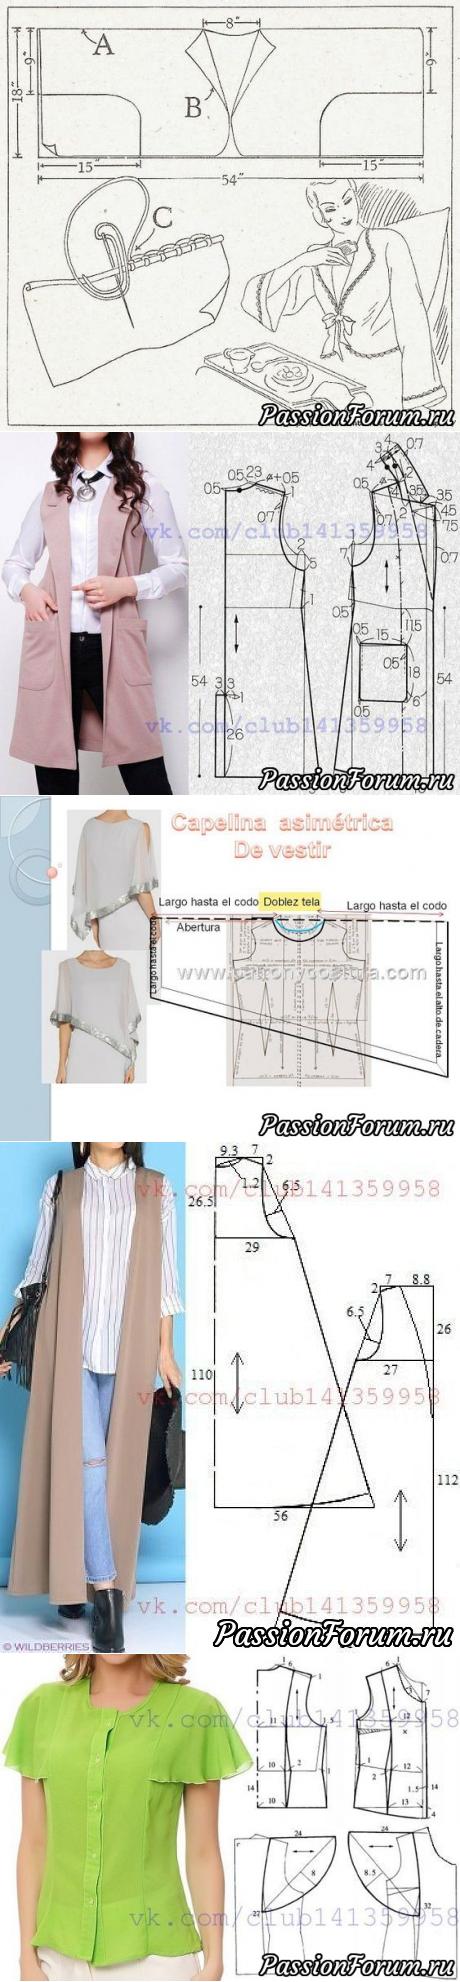 Los vestidos con los patrones del Internet. - la anotación del ...